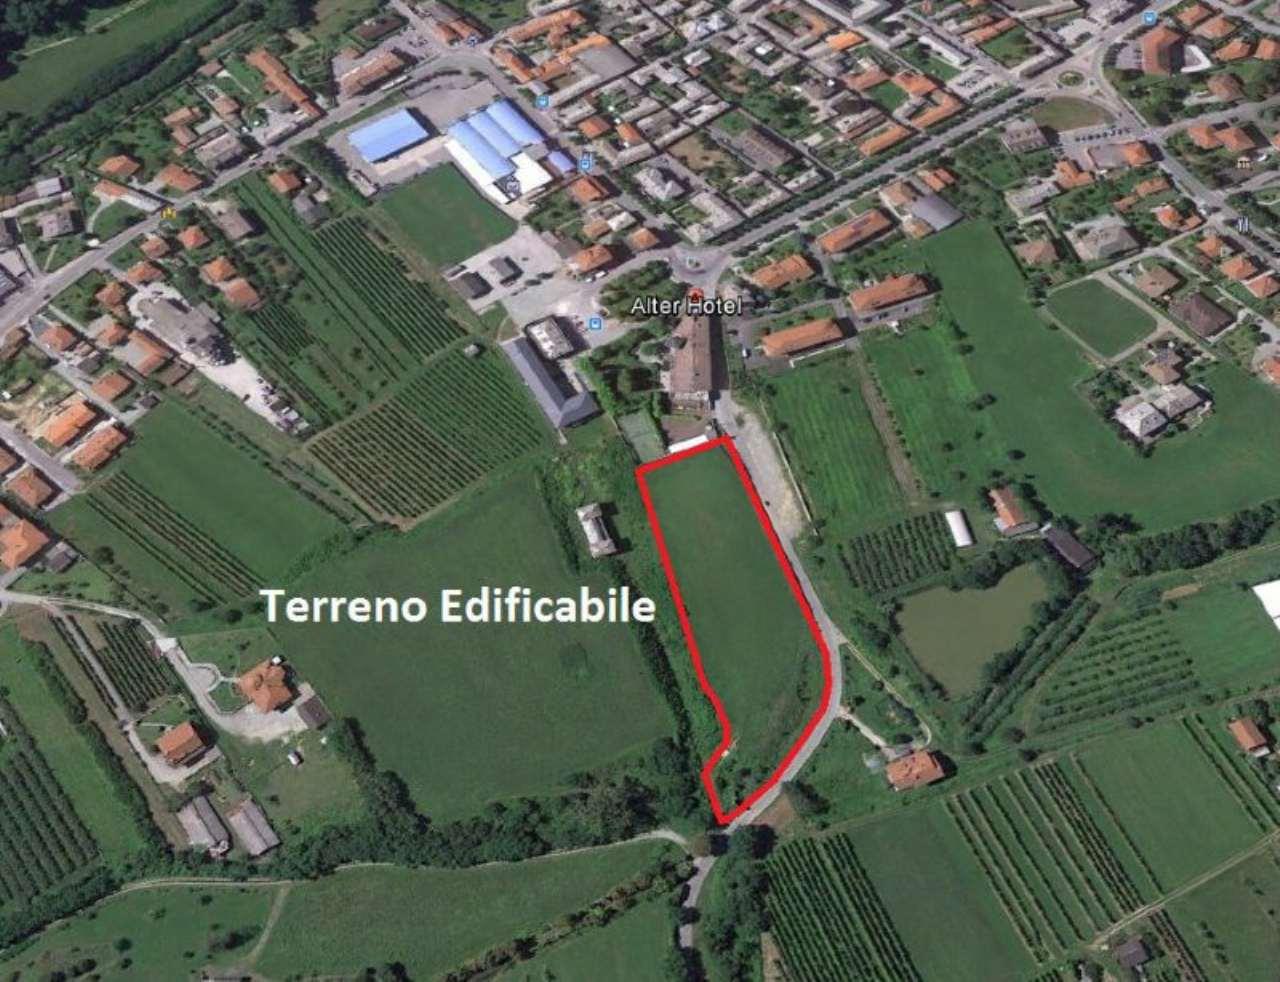 Terreno Edificabile Residenziale in vendita a Barge, 9999 locali, prezzo € 75.000 | Cambio Casa.it